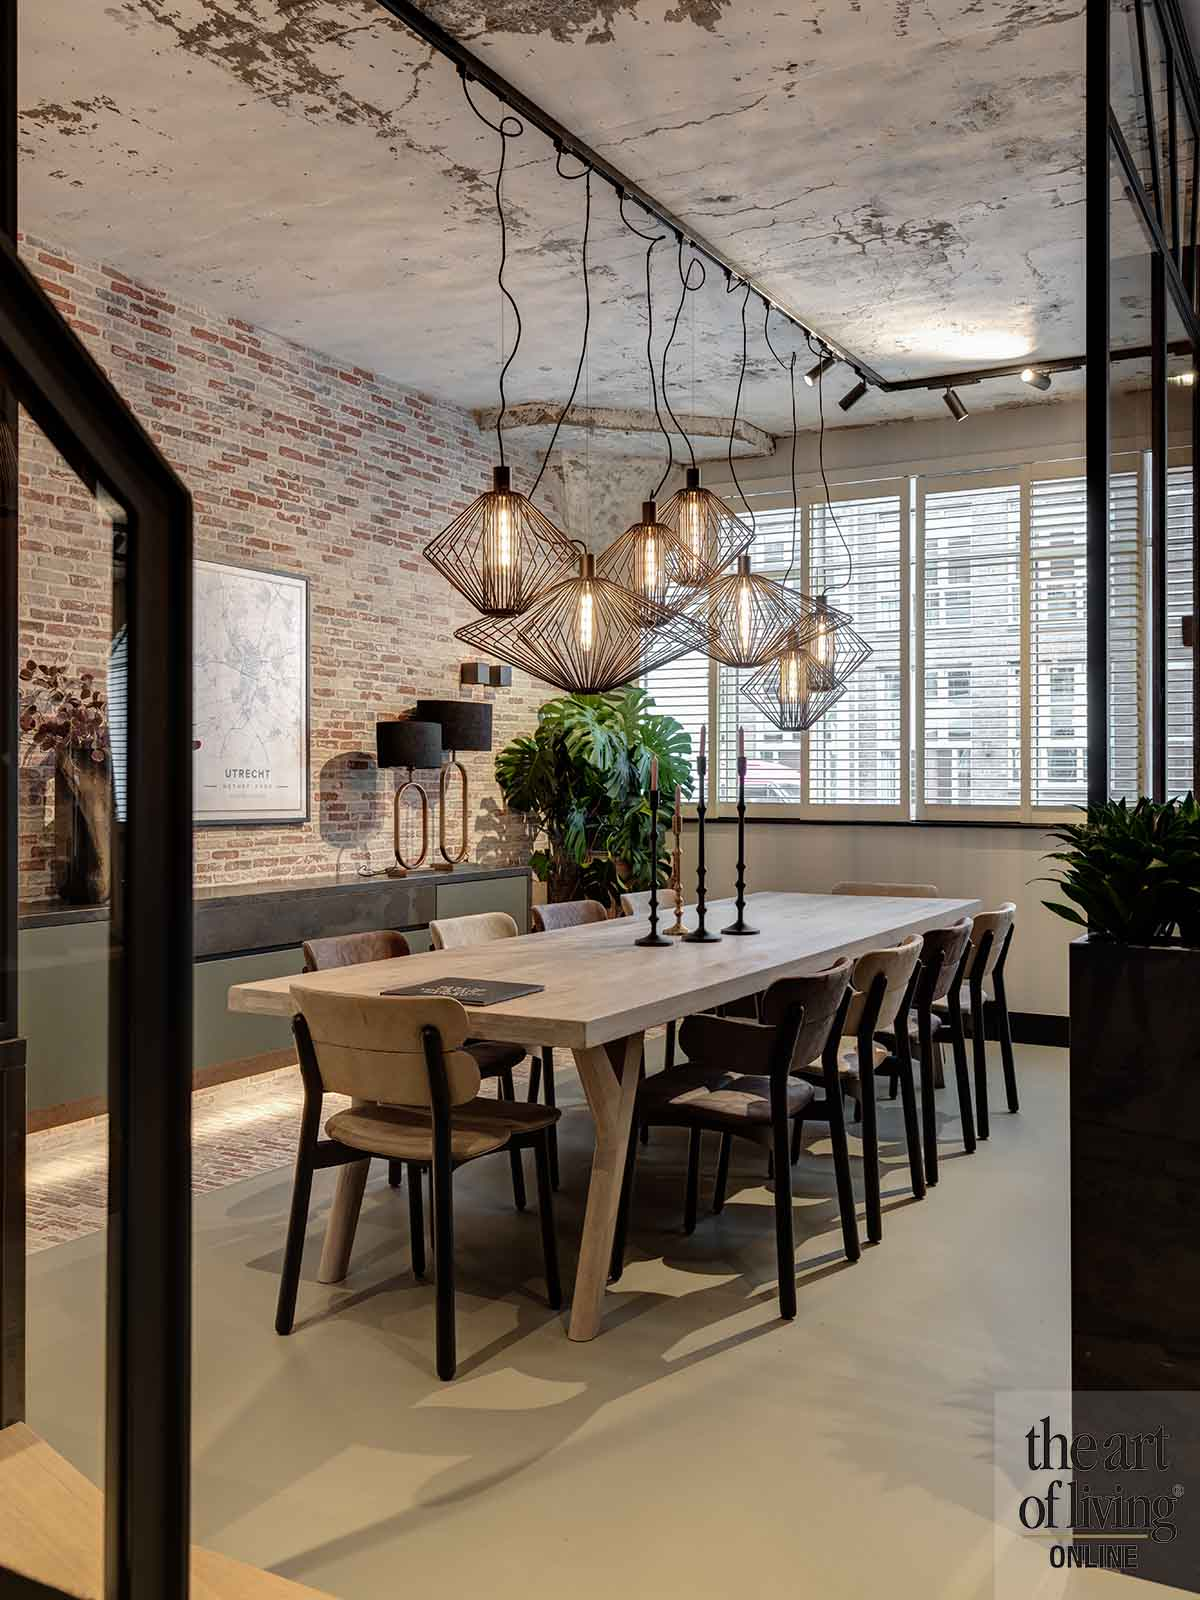 industrieel erfgoed   Homefactory, the art of living